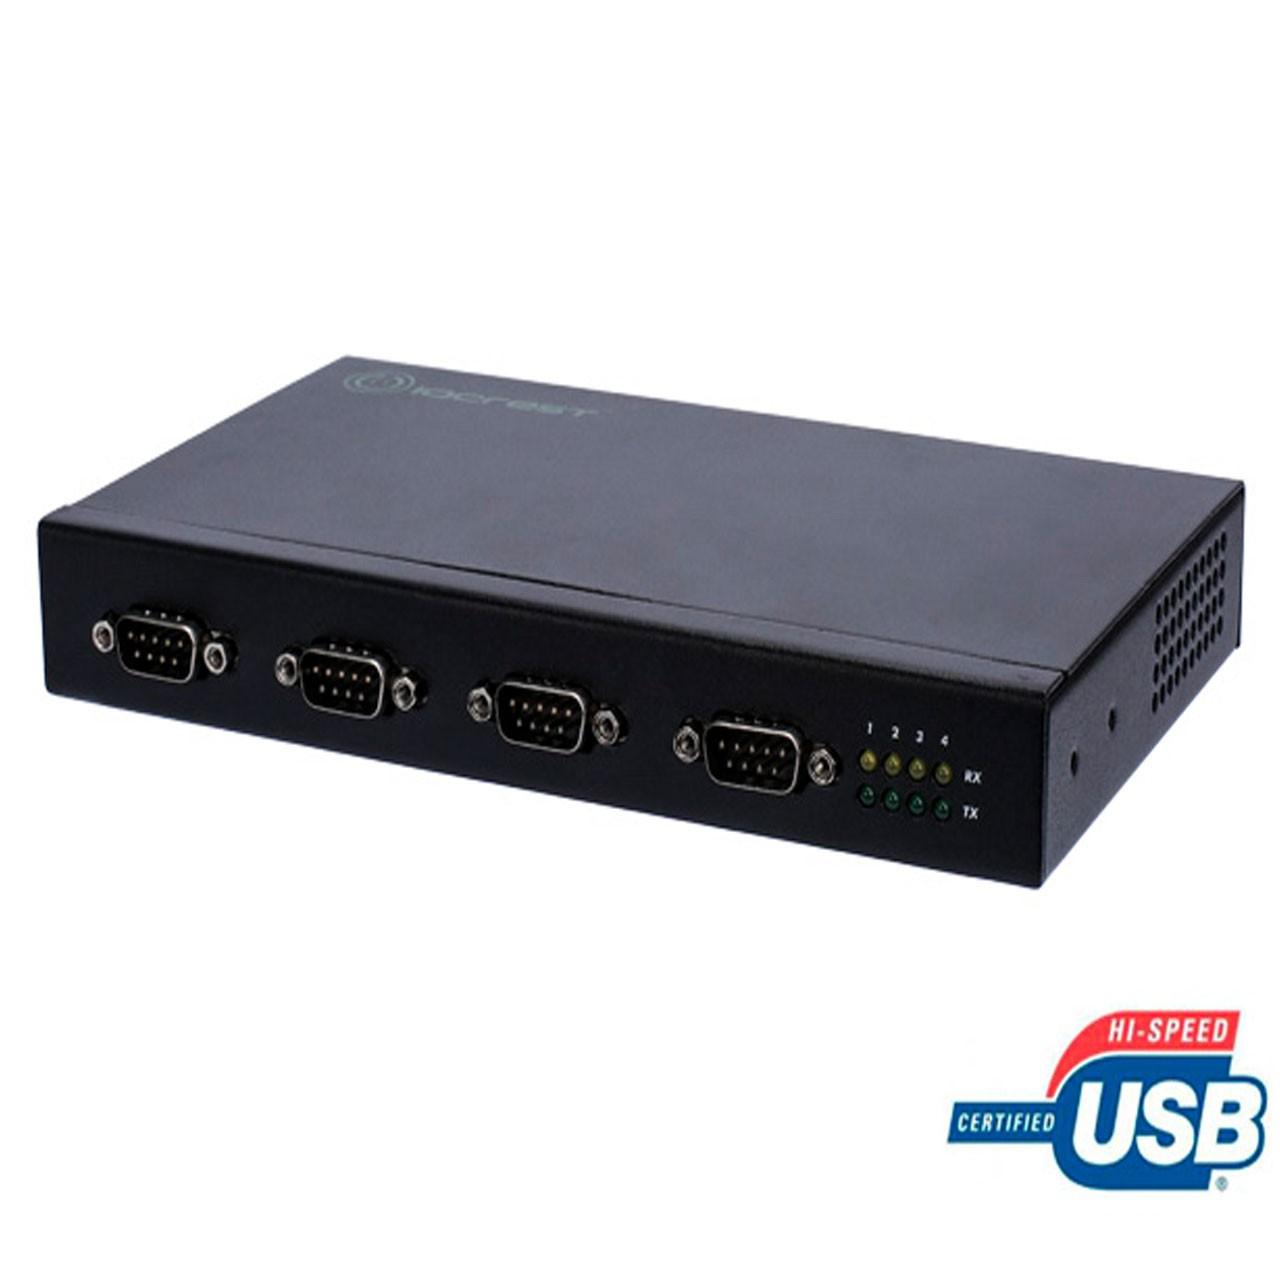 مبدل صنعتی USB به سریال 4 پورت IOCREST مدل IO-U24232C-4S